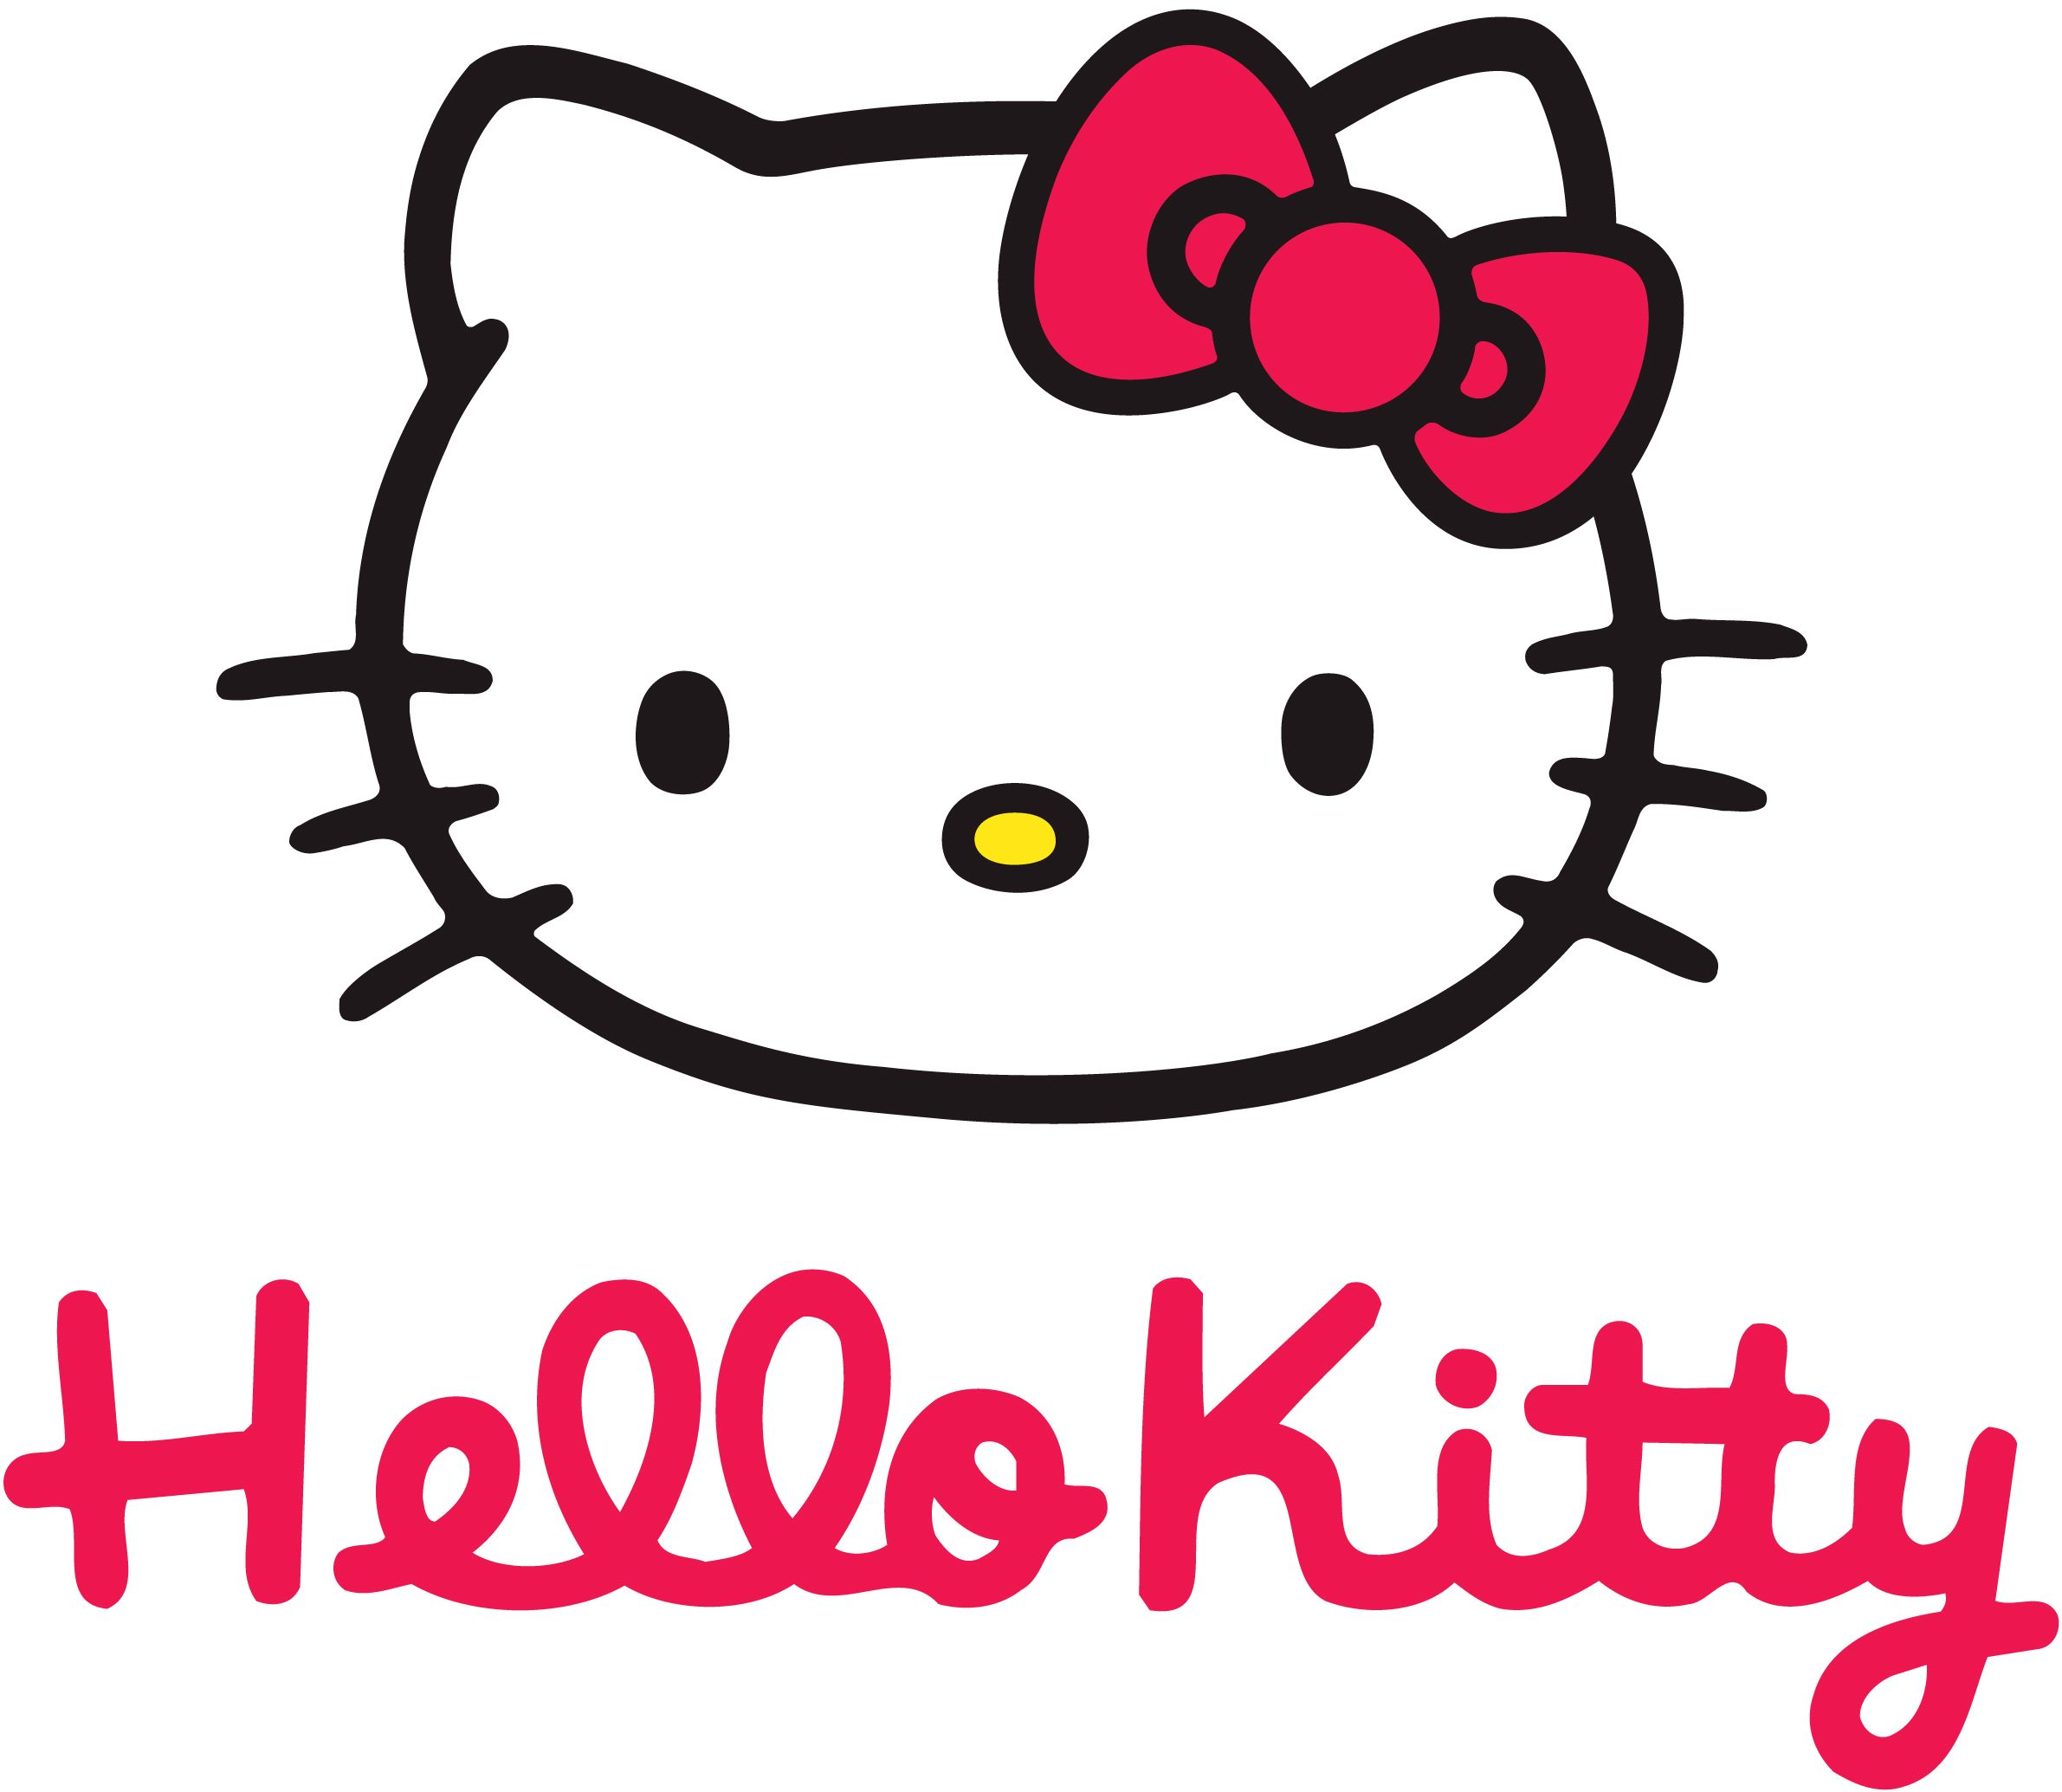 Hello Kitty Pesquisa Google Hello Kitty Printables Hello Kitty Pictures Hello Kitty Images